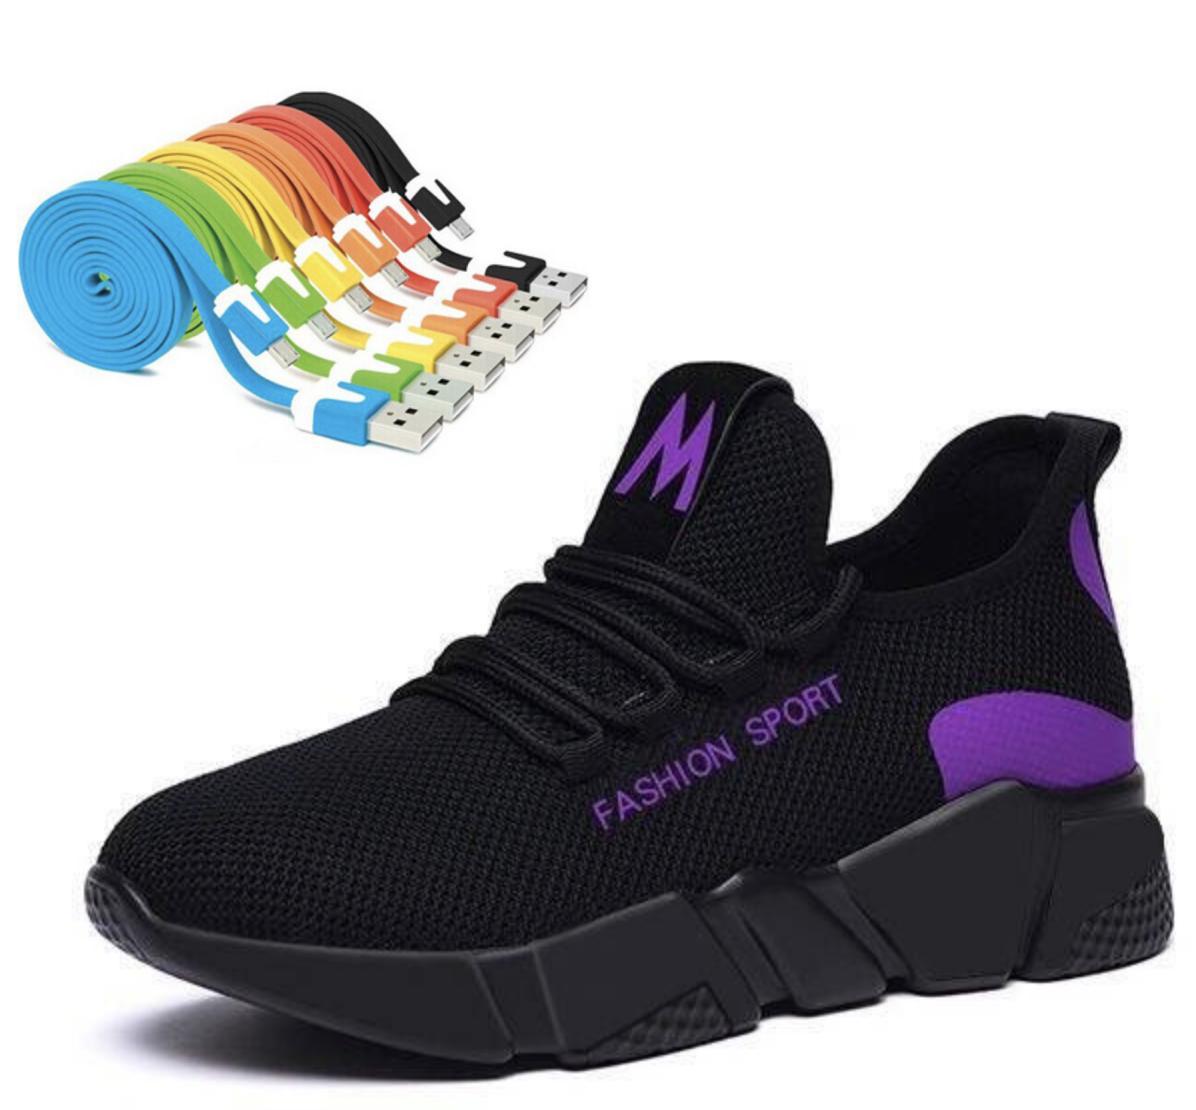 Giày Nữ Đẹp Thể Thao Sneaker Thời Trang FASHION SHOSE - ACG SIZE 36-37-38-39-40 đế nhẹ độ bền của sản phẩm hơn 2 năm chất liệu vả (Đen phối Đỏ-Đen phối tím-Đen) + Tặng Cáp sạc và truyền dữ liệu Micro USB  X2 dây siêu bền hỗ trợ sạc nhanh cho đi